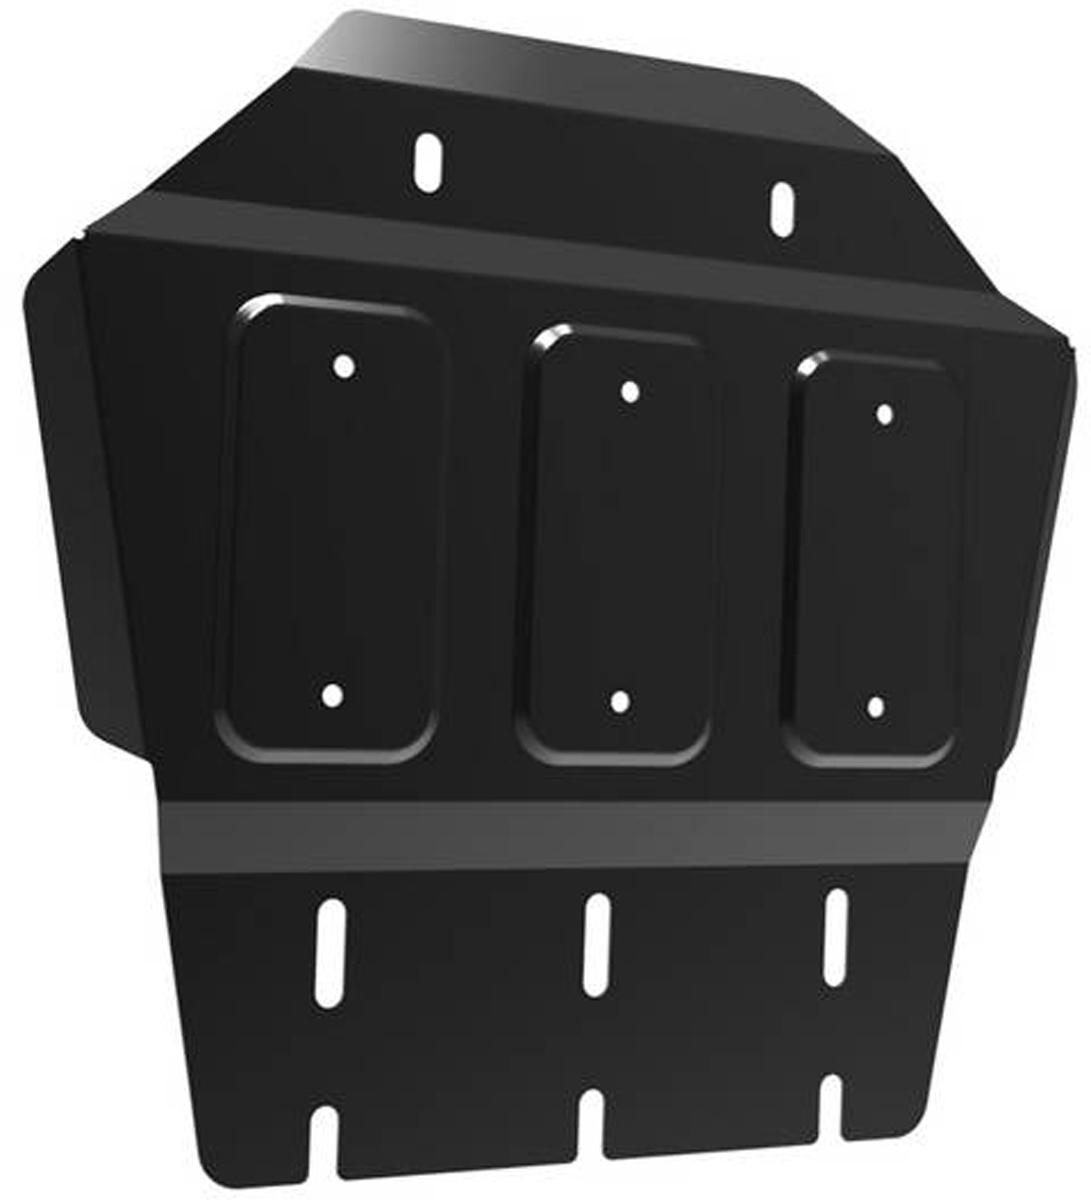 Защита РК Автоброня Mitsubishi L200 2006-2015/Mitsubishi Pajero Sport 2008-2016, сталь 2 мм111.04025.1Защита РК Автоброня для Mitsubishi L200 2006-2015/Mitsubishi Pajero Sport 2008-2016, сталь 2 мм, комплект крепежа, 111.04025.1Дополнительно можно приобрести другие защитные элементы из комплекта: защита радиатора - 111.04005.1, защита картера - 111.04006.1, защита КПП - 111.04024.1Стальные защиты Автоброня надежно защищают ваш автомобиль от повреждений при наезде на бордюры, выступающие канализационные люки, кромки поврежденного асфальта или при ремонте дорог, не говоря уже о загородных дорогах.- Имеют оптимальное соотношение цена-качество.- Спроектированы с учетом особенностей автомобиля, что делает установку удобной.- Защита устанавливается в штатные места кузова автомобиля.- Является надежной защитой для важных элементов на протяжении долгих лет.- Глубокий штамп дополнительно усиливает конструкцию защиты.- Подштамповка в местах крепления защищает крепеж от срезания.- Технологические отверстия там, где они необходимы для смены масла и слива воды, оборудованные заглушками, закрепленными на защите.Толщина стали 2 мм.В комплекте крепеж и инструкция по установке.Уважаемые клиенты!Обращаем ваше внимание на тот факт, что защита имеет форму, соответствующую модели данного автомобиля. Наличие глубокого штампа и лючков для смены фильтров/масла предусмотрено не на всех защитах. Фото служит для визуального восприятия товара.